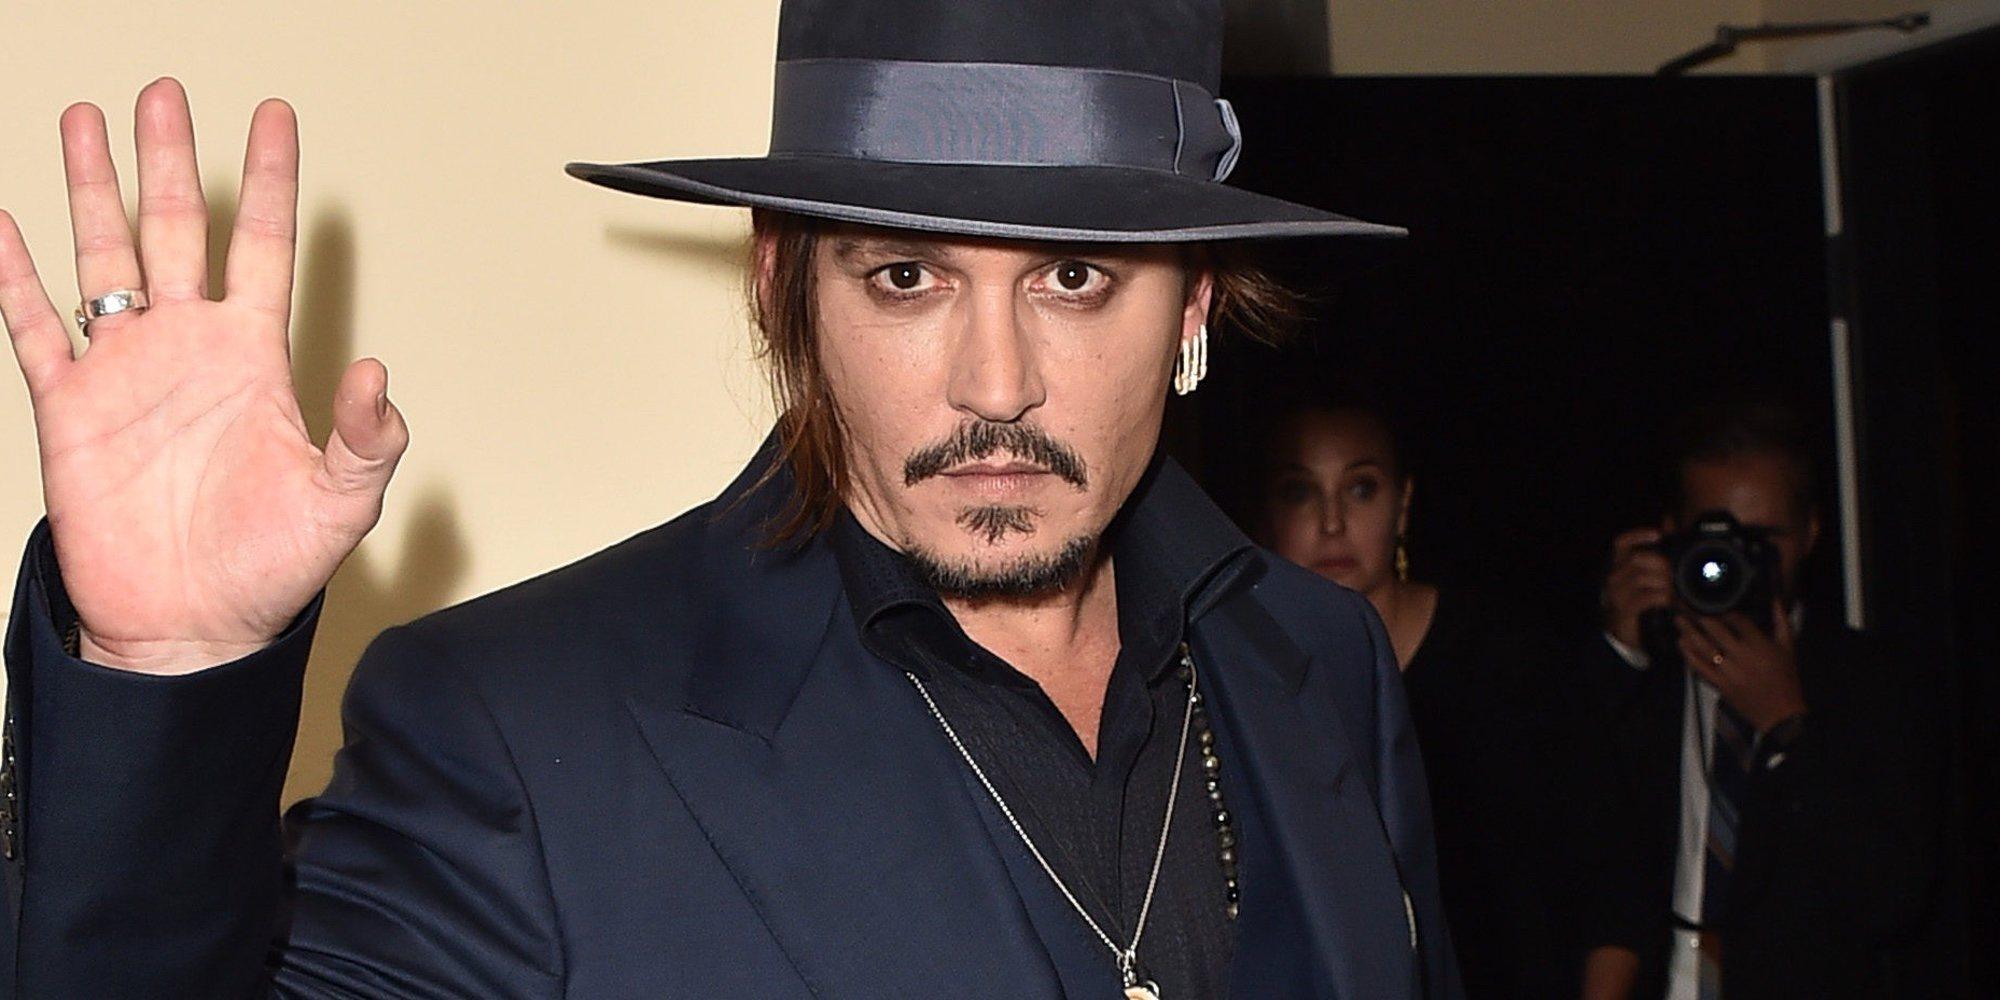 Johnny Depp ganará cerca de 10 millones de dólares por 'Animales Fantásticos 3' aunque le hayan echado